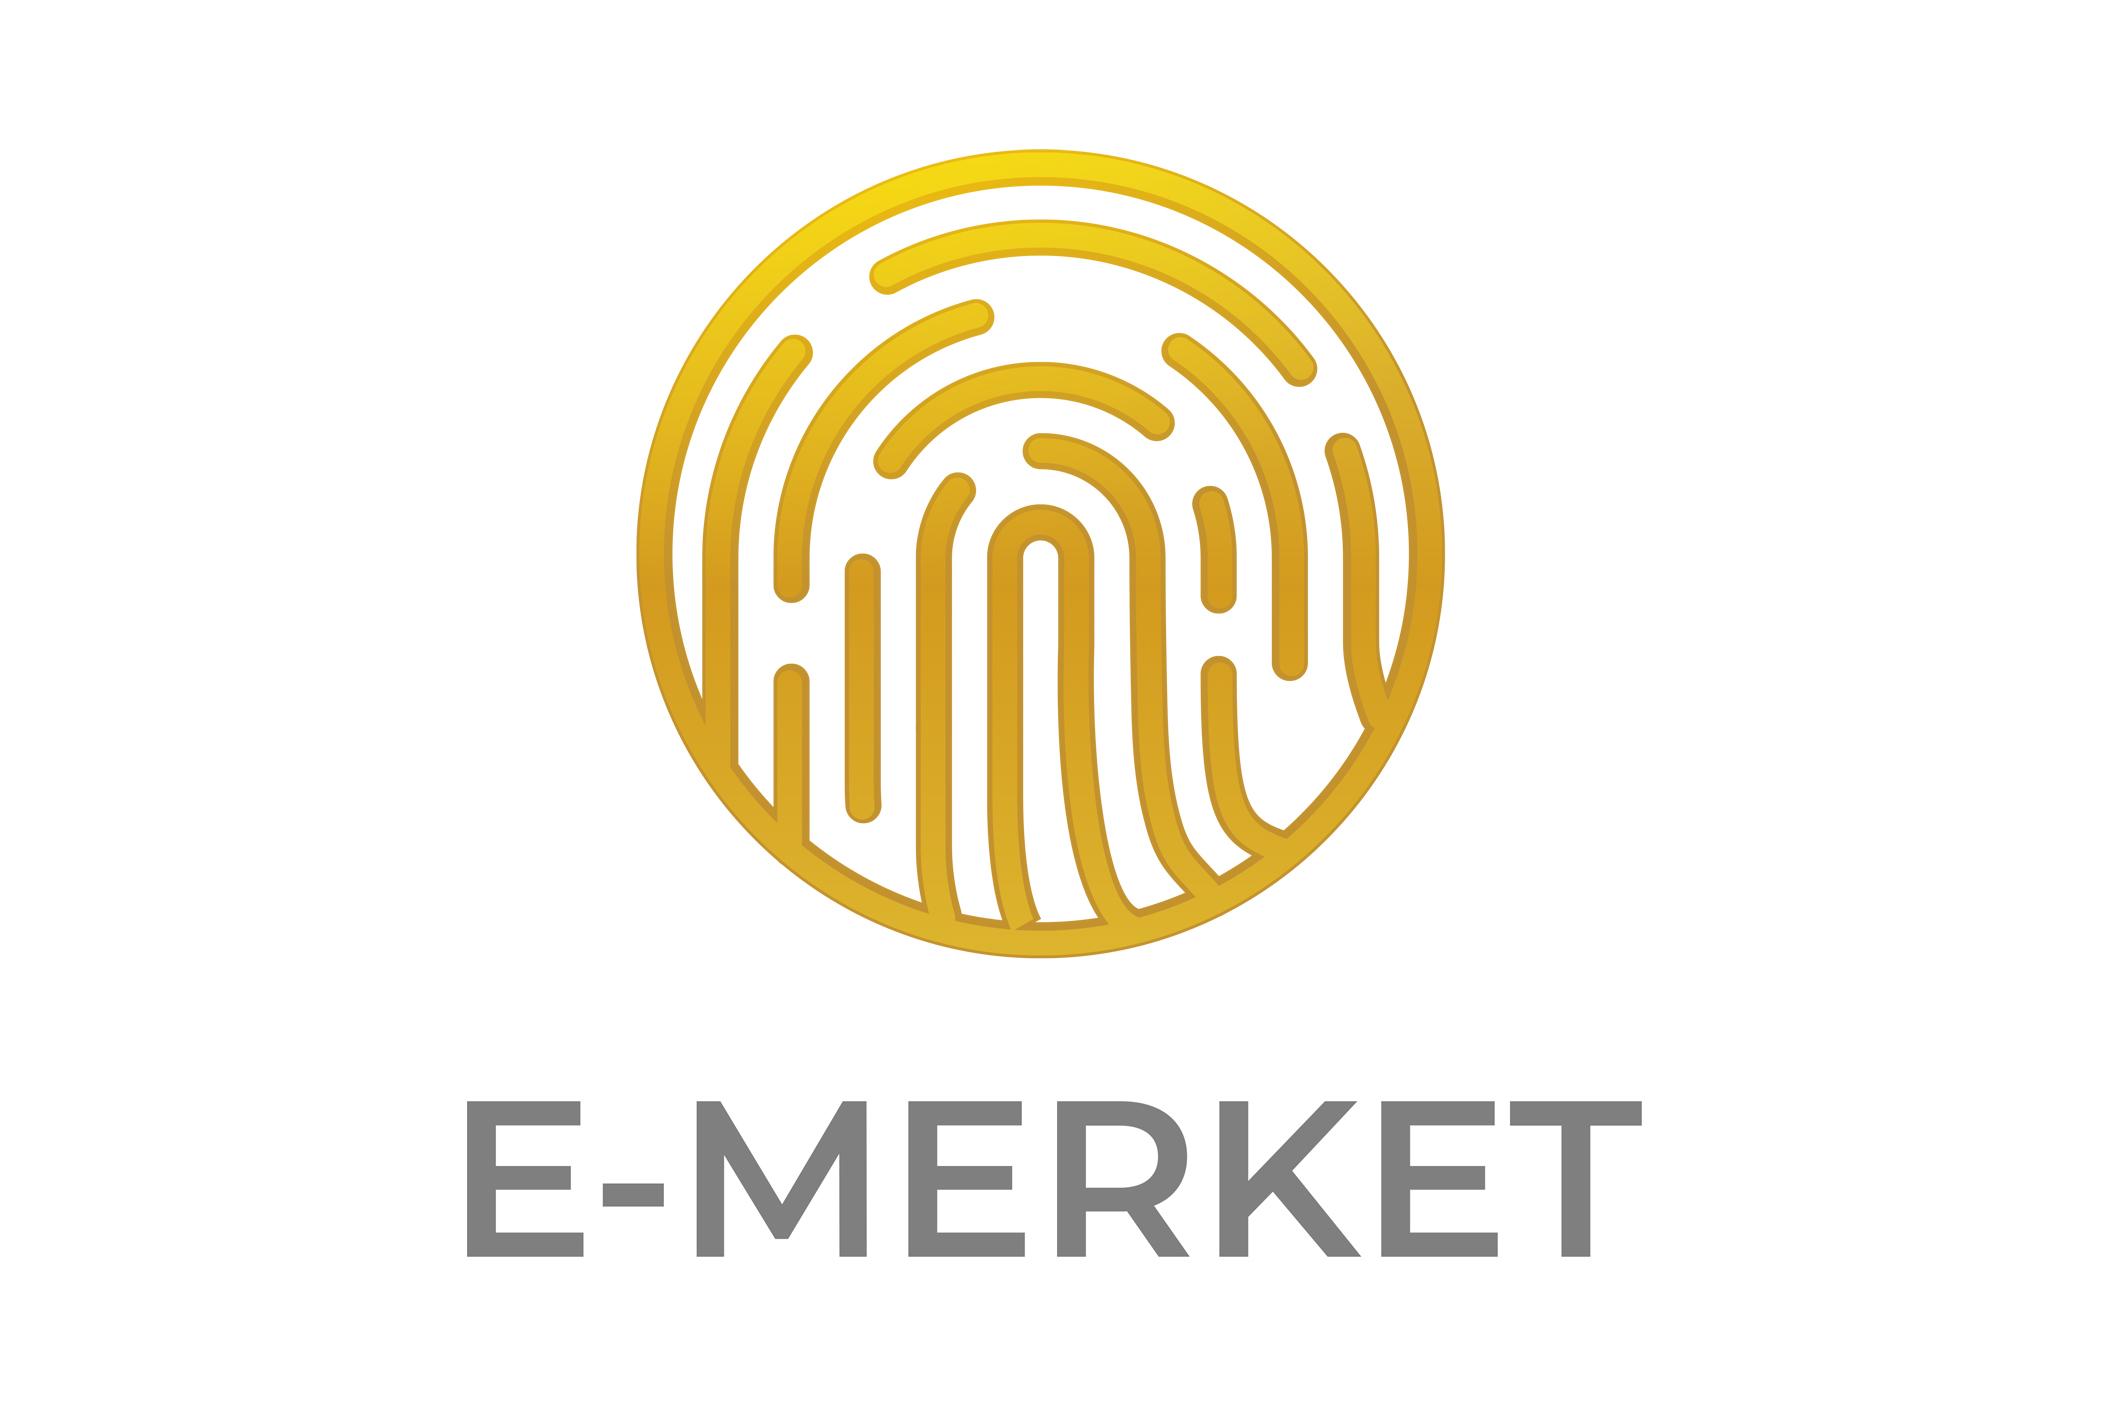 E-merket av Smart Digitalt